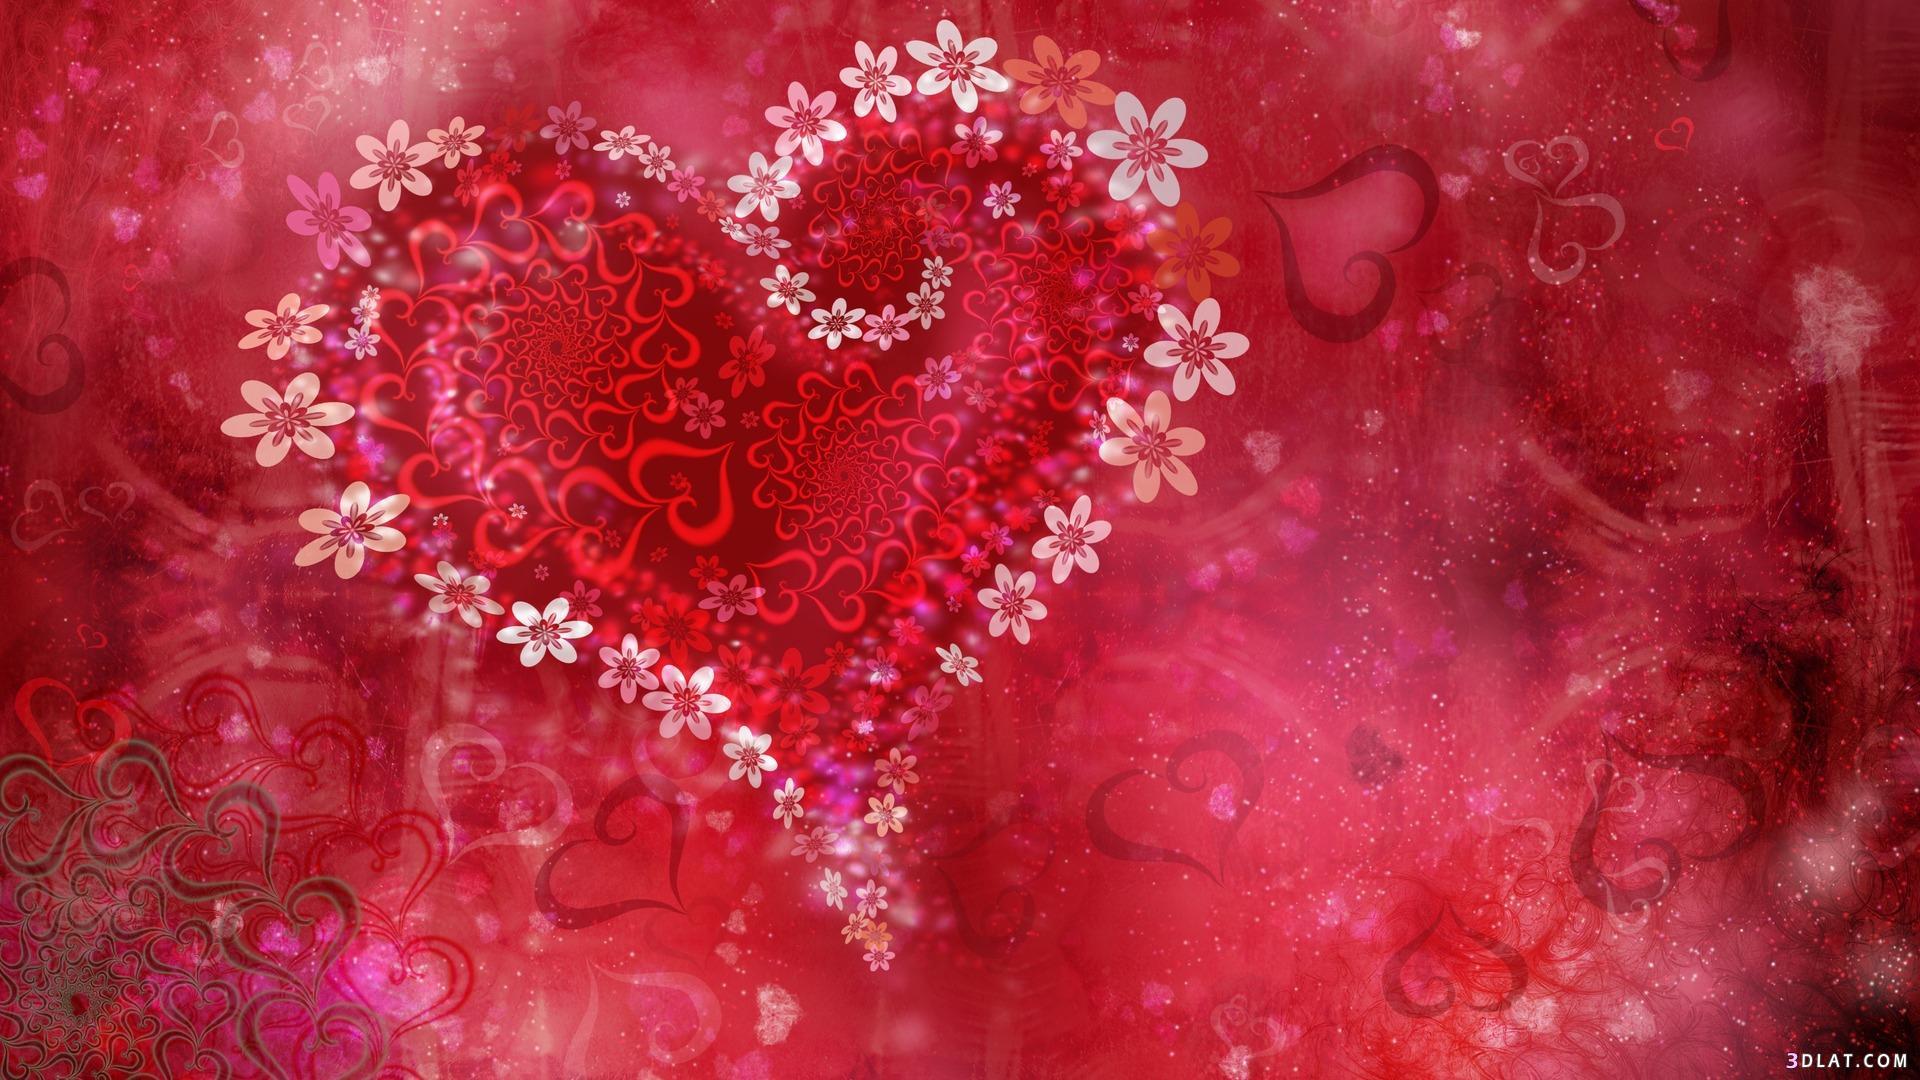 خلفيات, رومانسية, صور, قلوب, للتصاميم